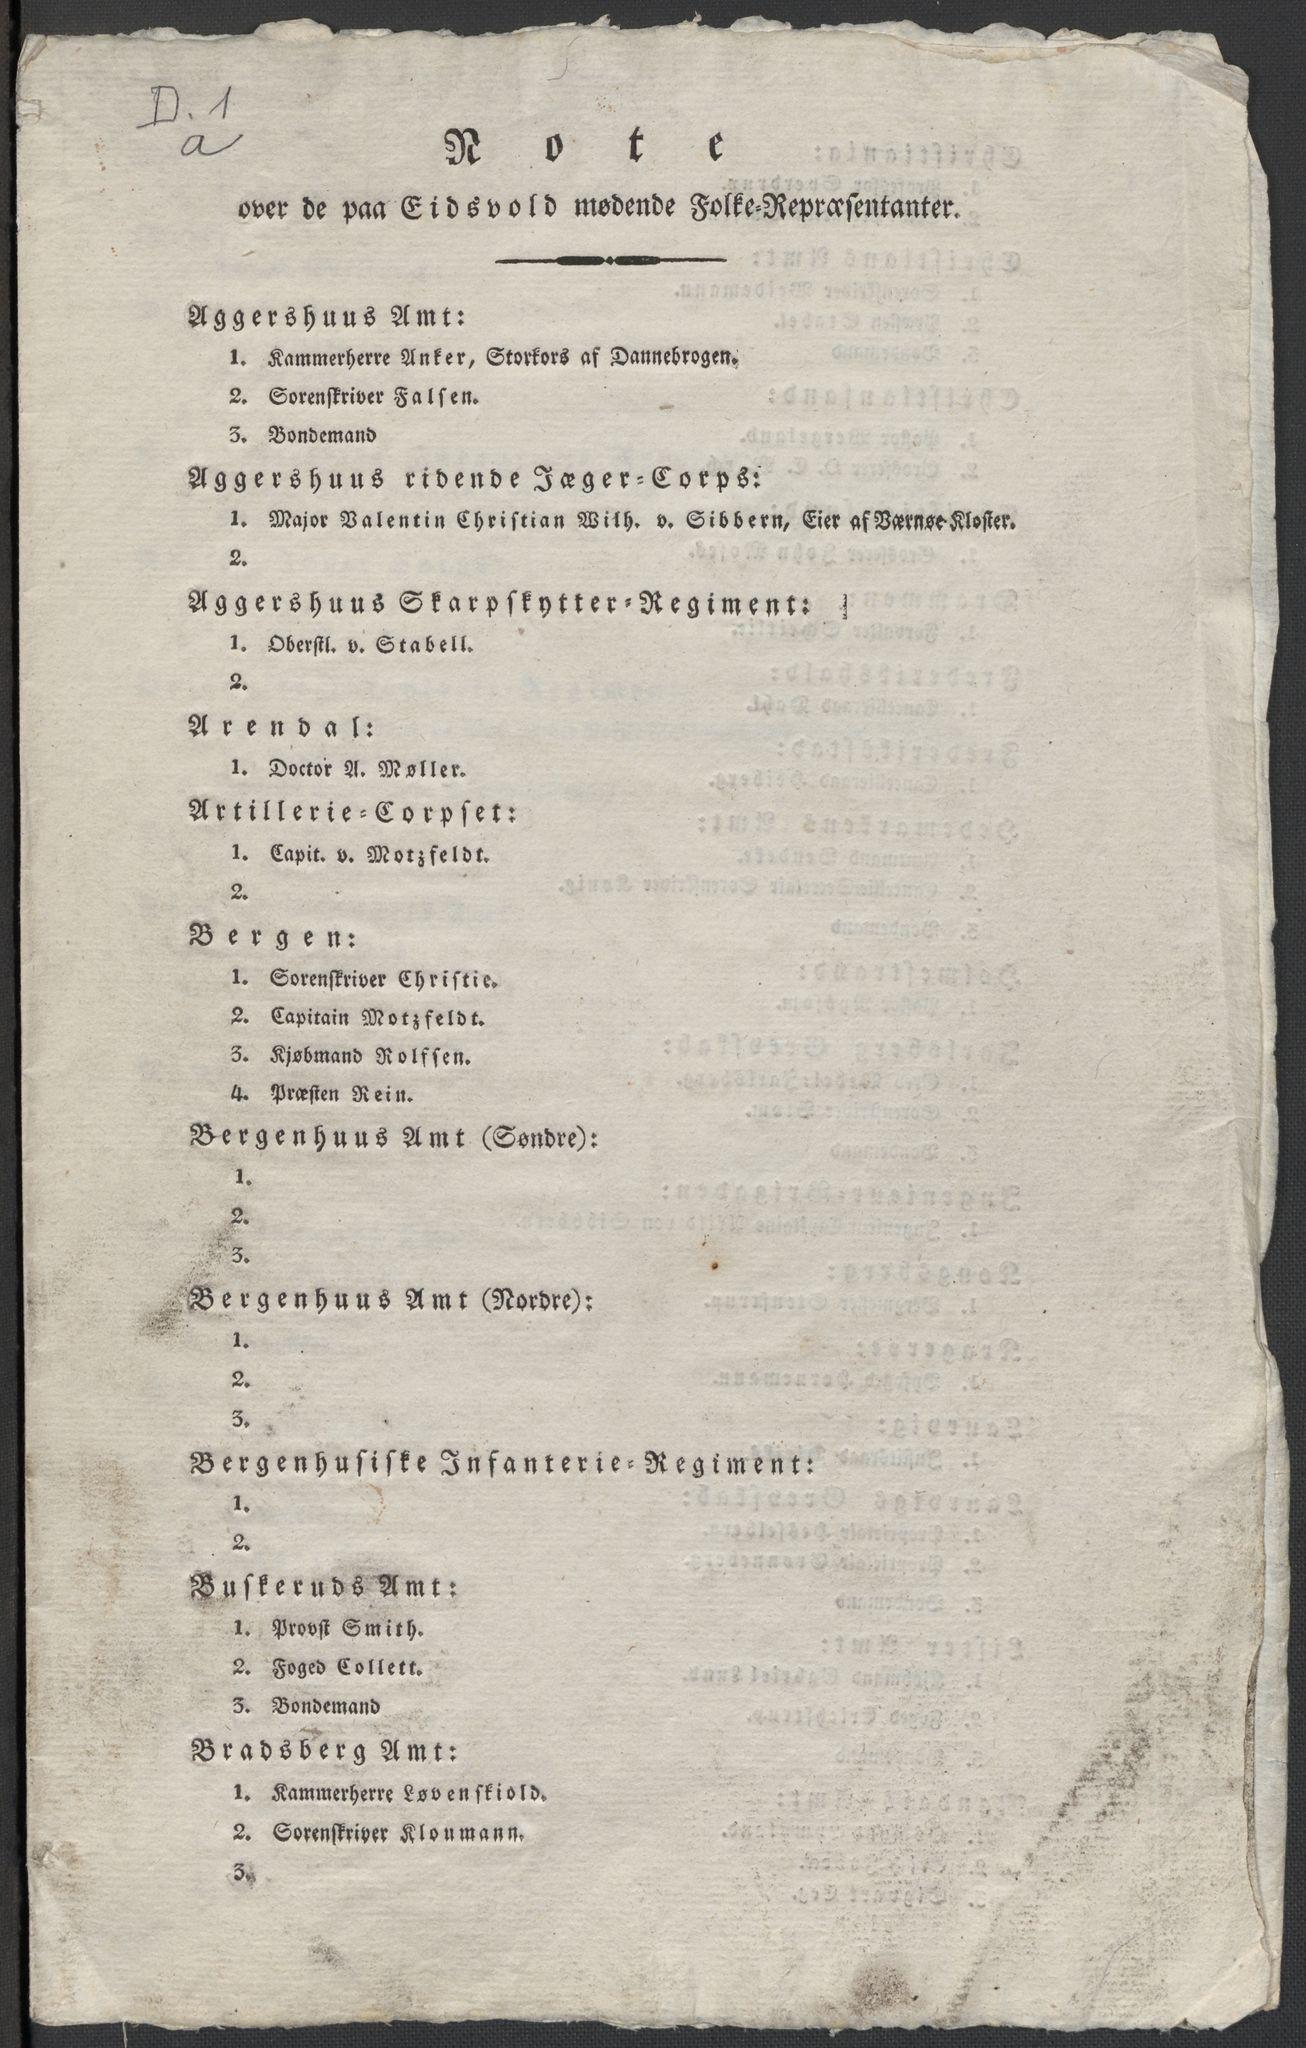 RA, Christie, Wilhelm Frimann Koren, F/L0004, 1814, s. 6